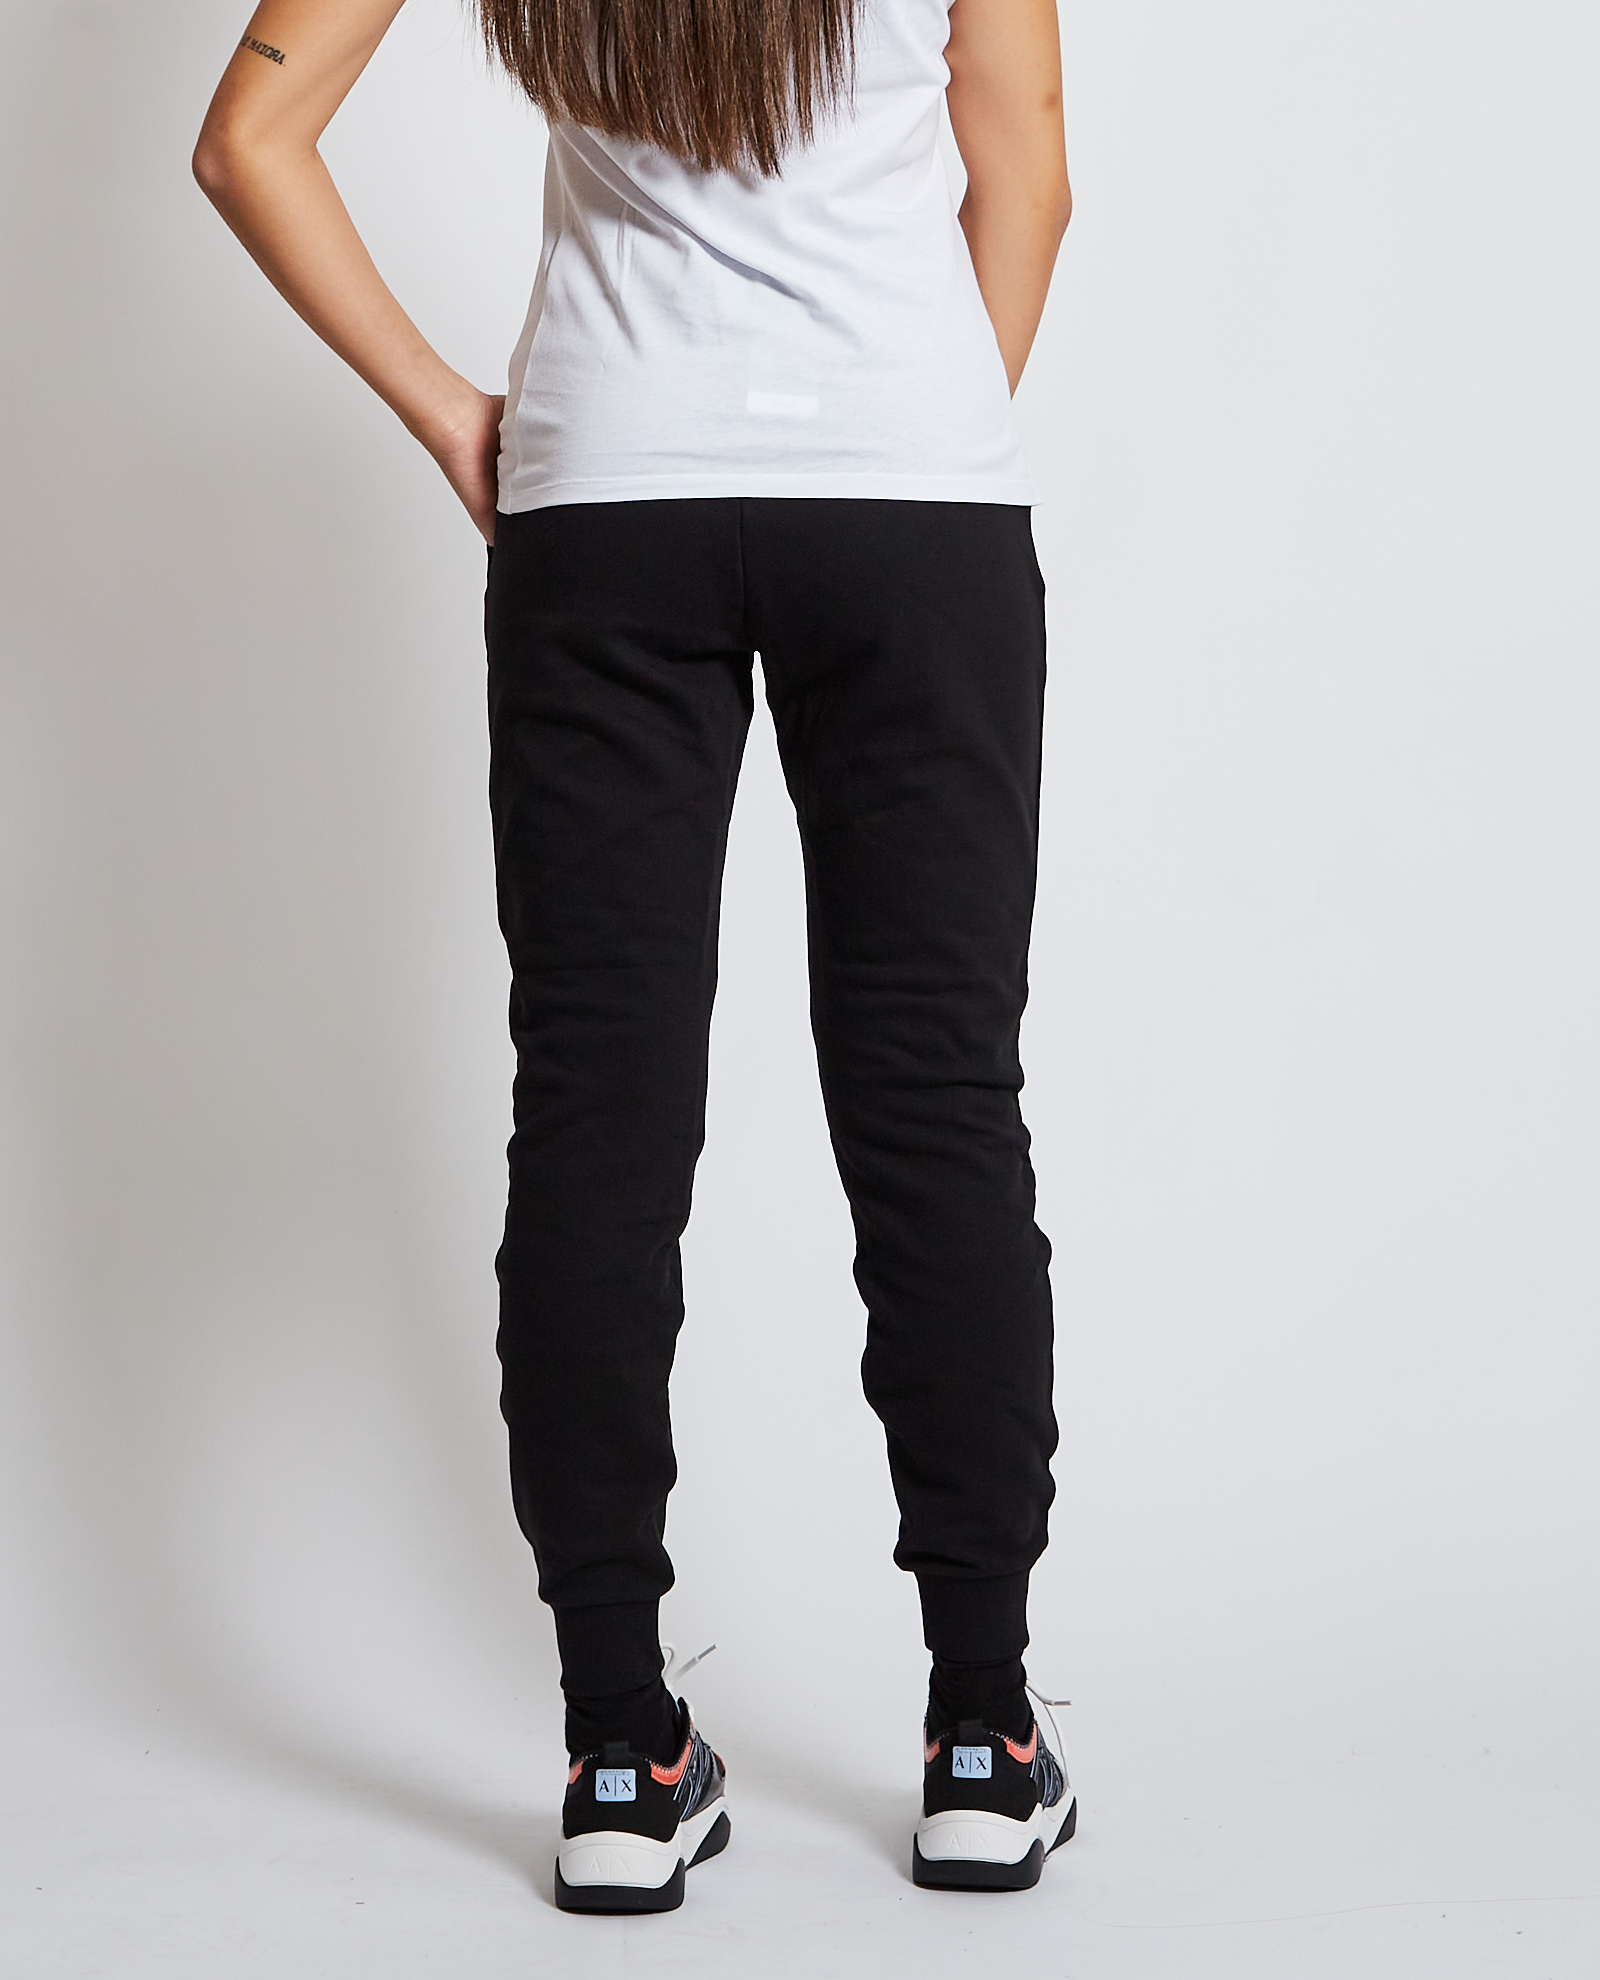 Pantalone Armani Exchange ARMANI EXCHANGE   Pantalone   6KYP82-YJ3NZ1200